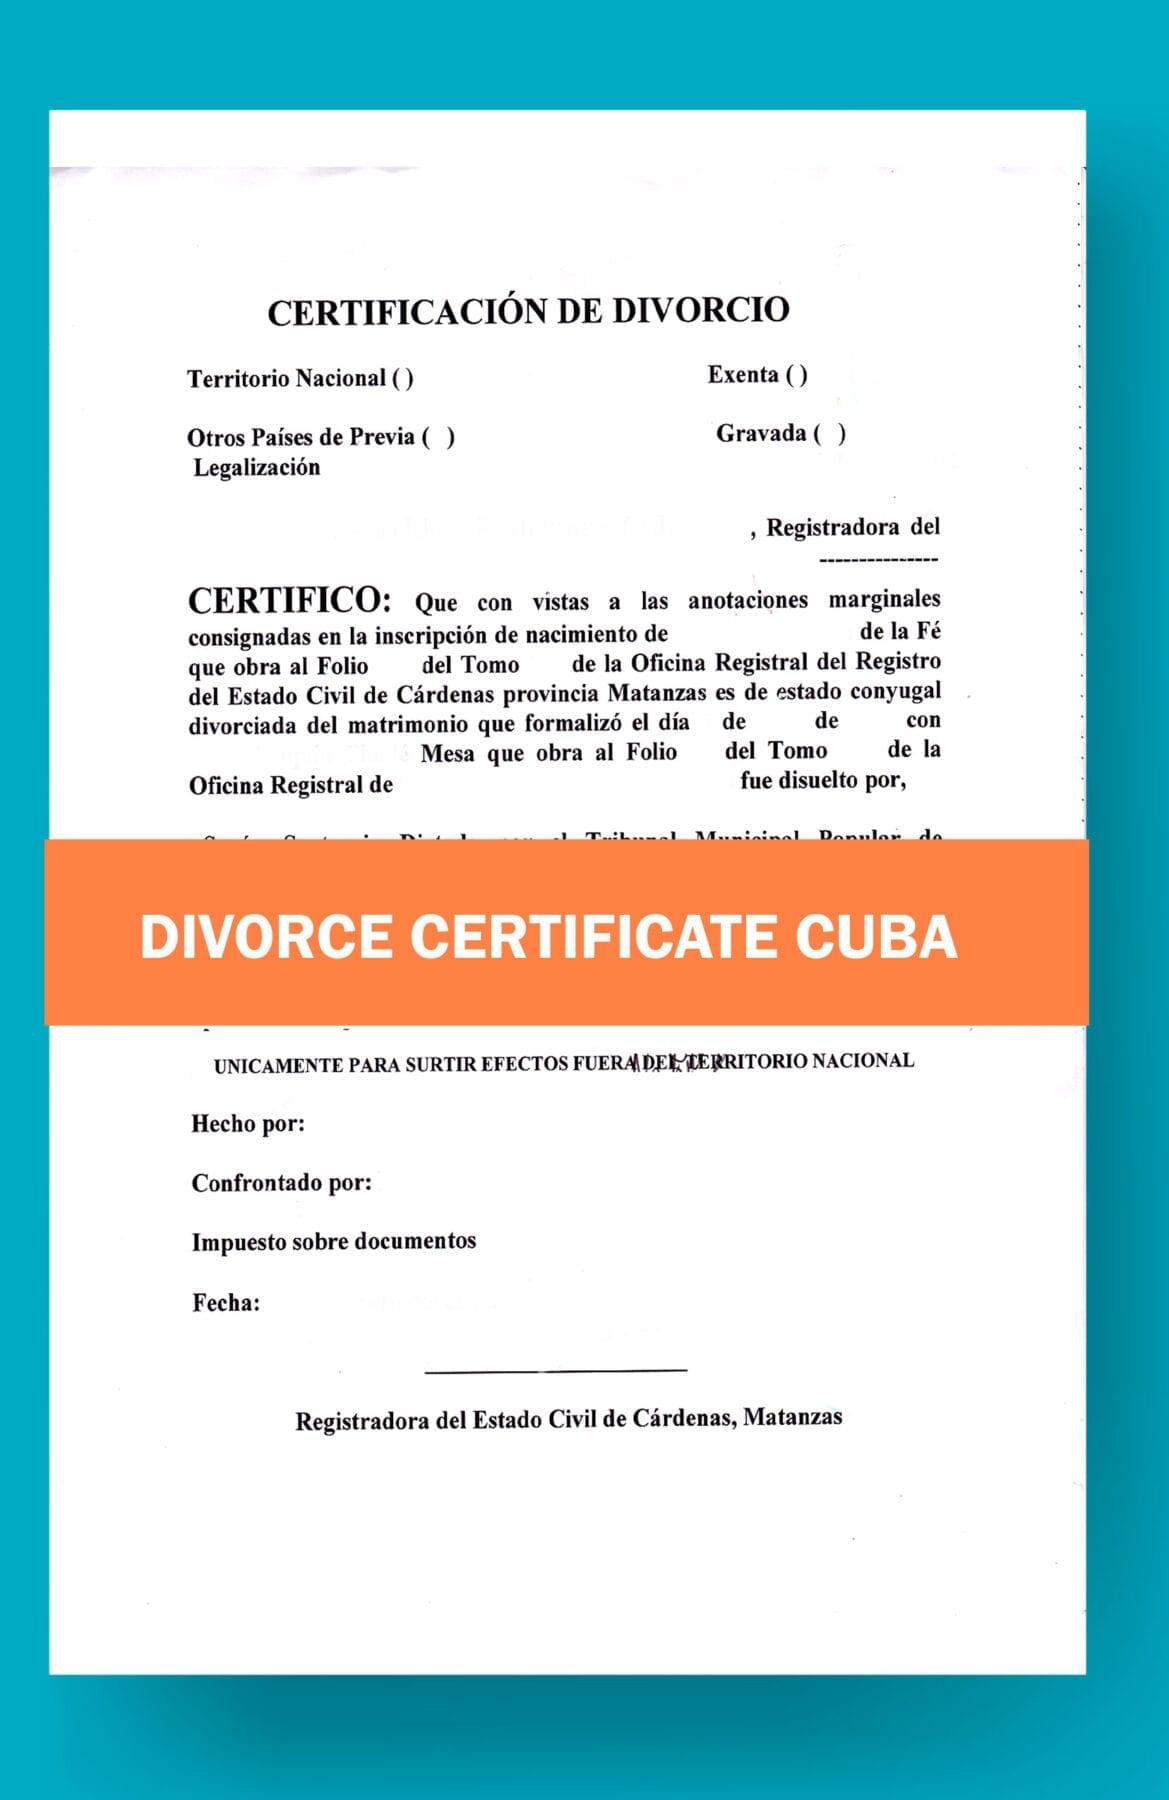 DIVORCE-CERTIFICATE-TEMPLATE-CUBA